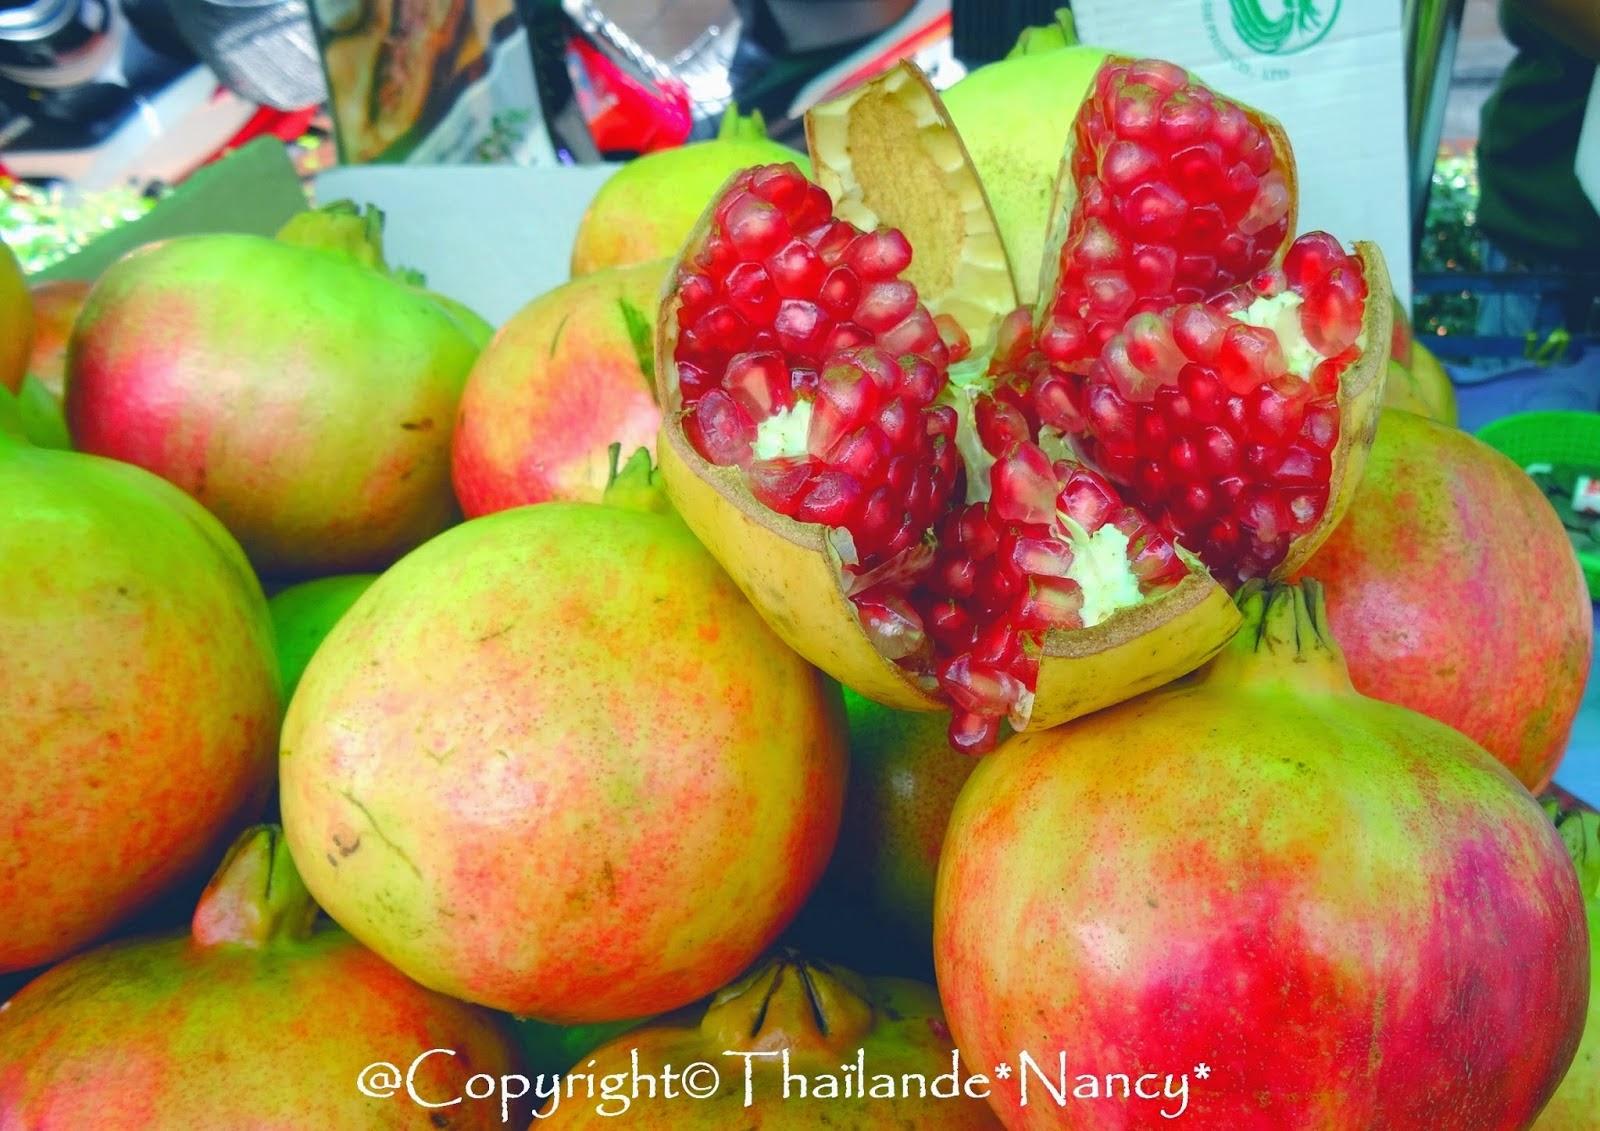 http://flaneriesparisiennes.blogspot.fr/2014/09/les-grenades-le-fruit-la-base-de-la.html